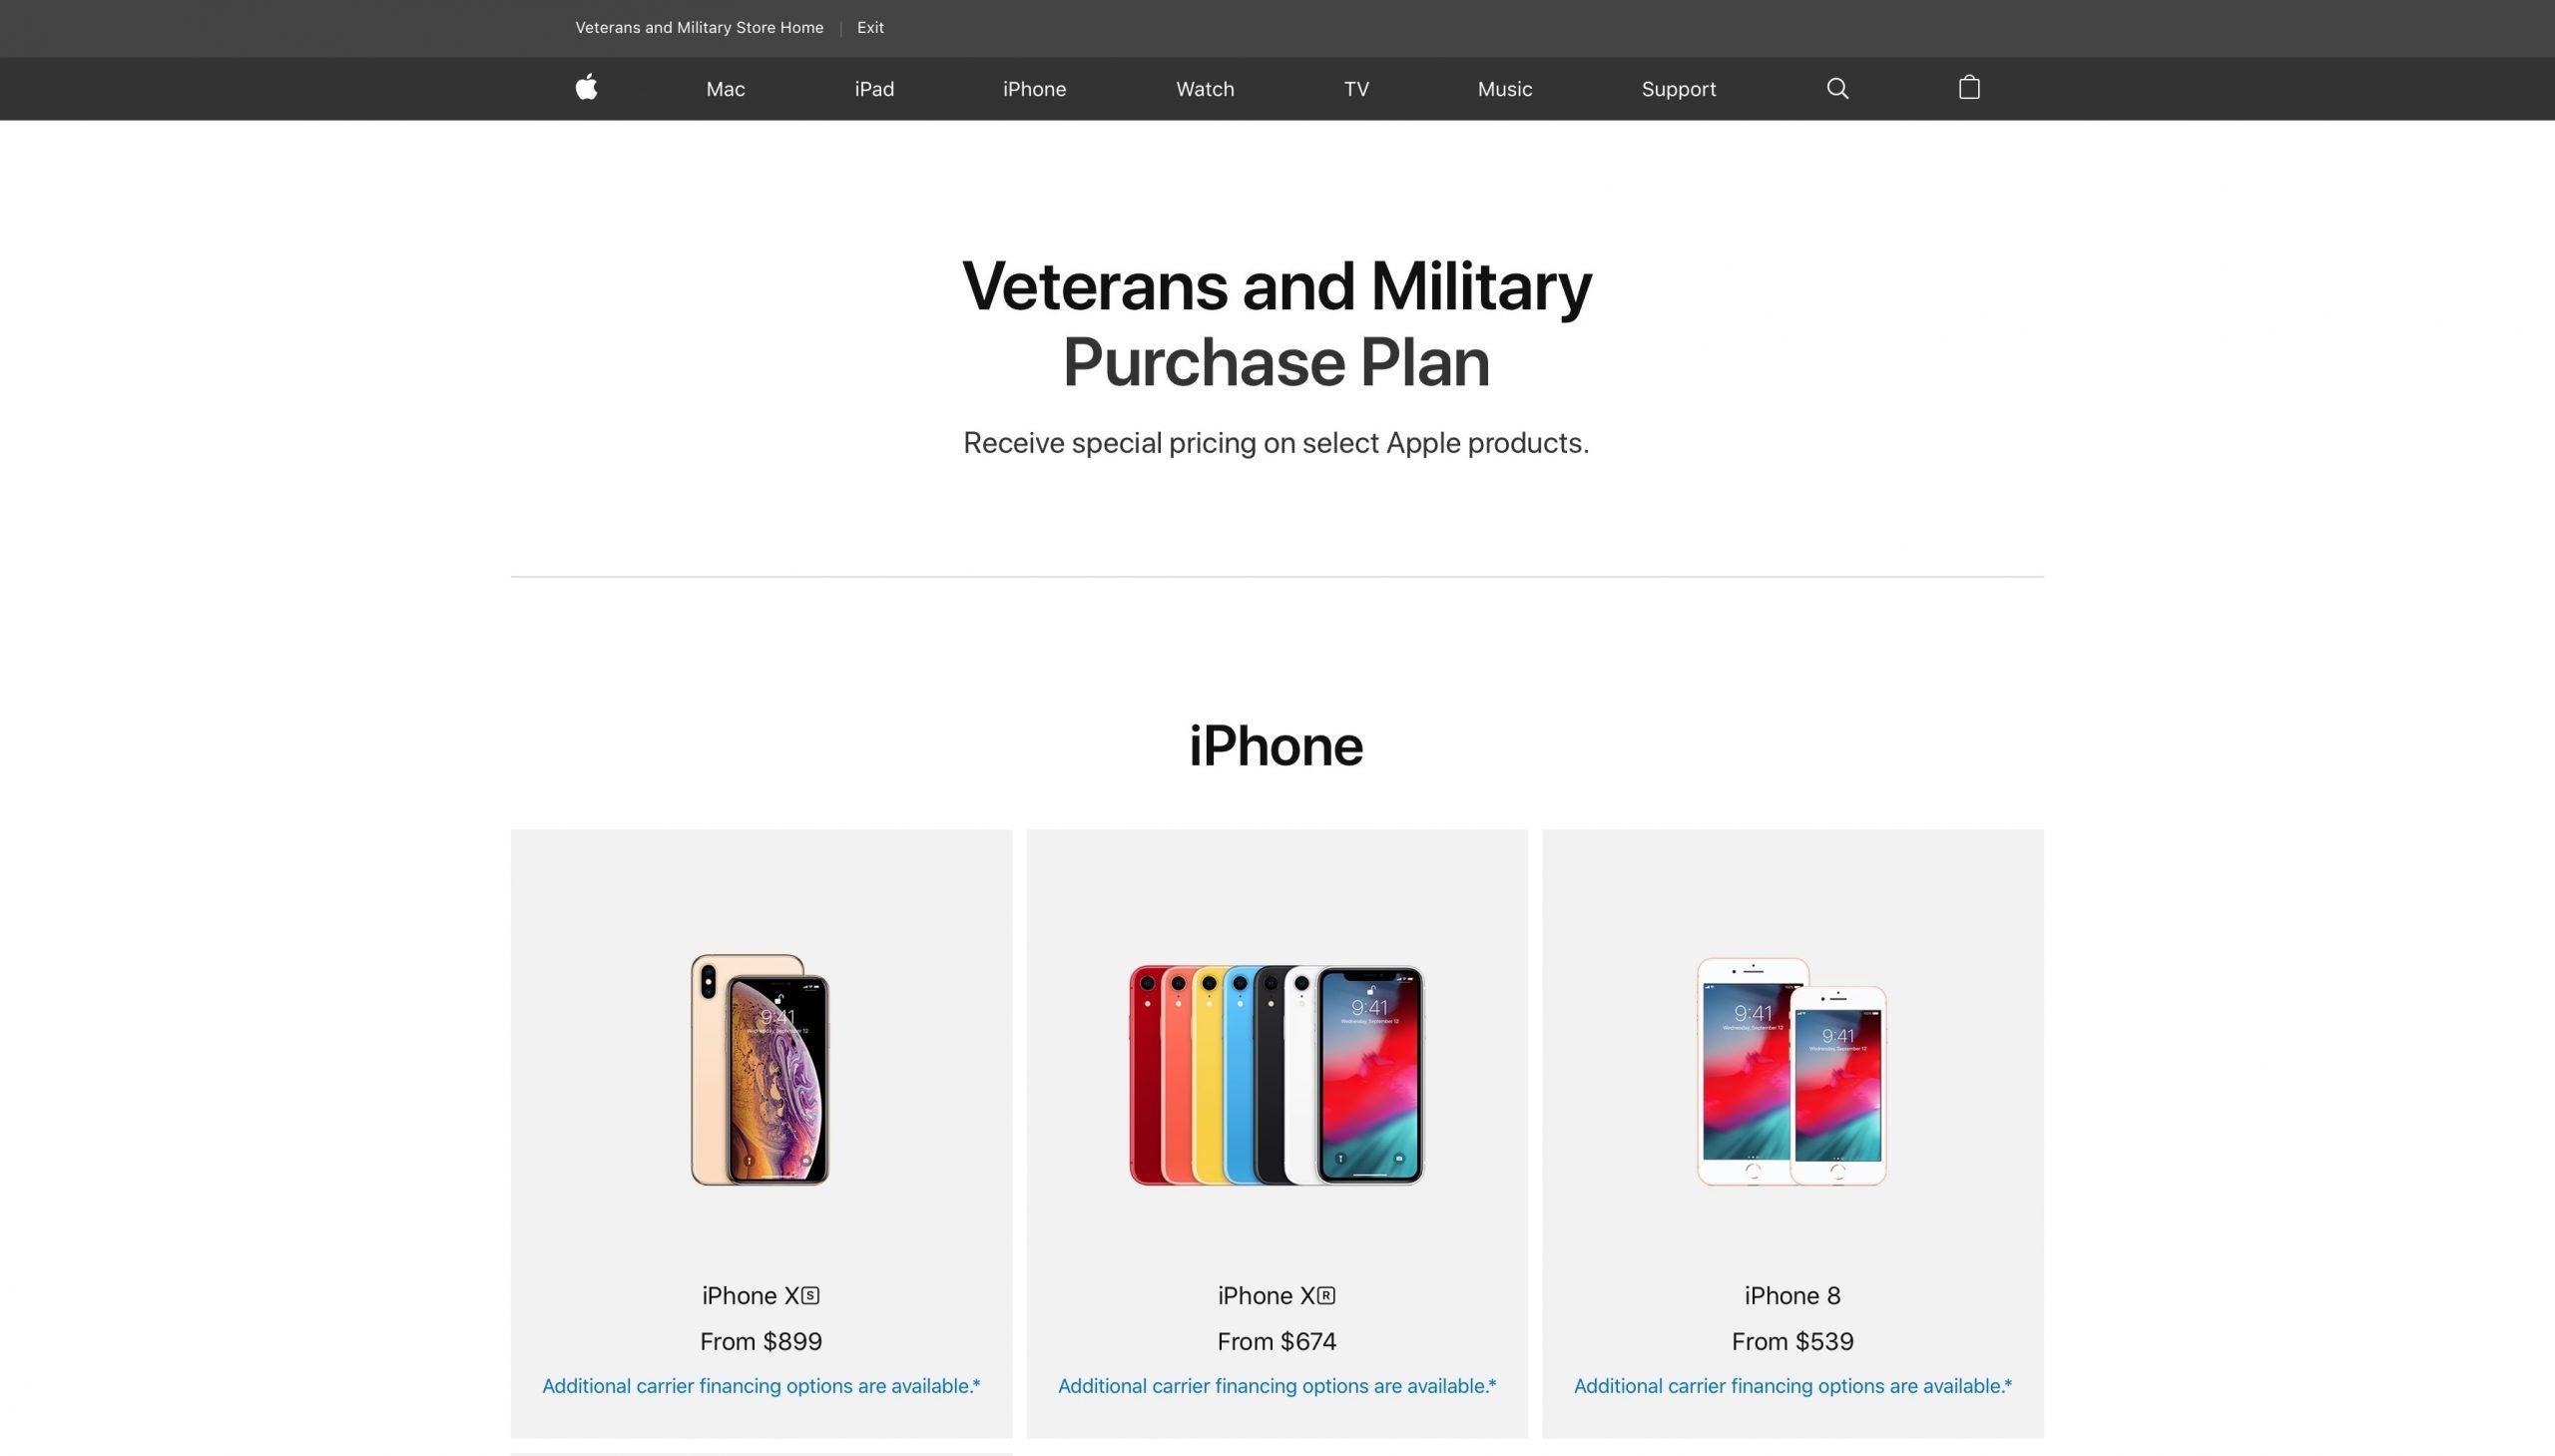 Apple'i spetsiaalne veebipood pakub USA sõjaväelastele ja veteranidele 10% allahindlust